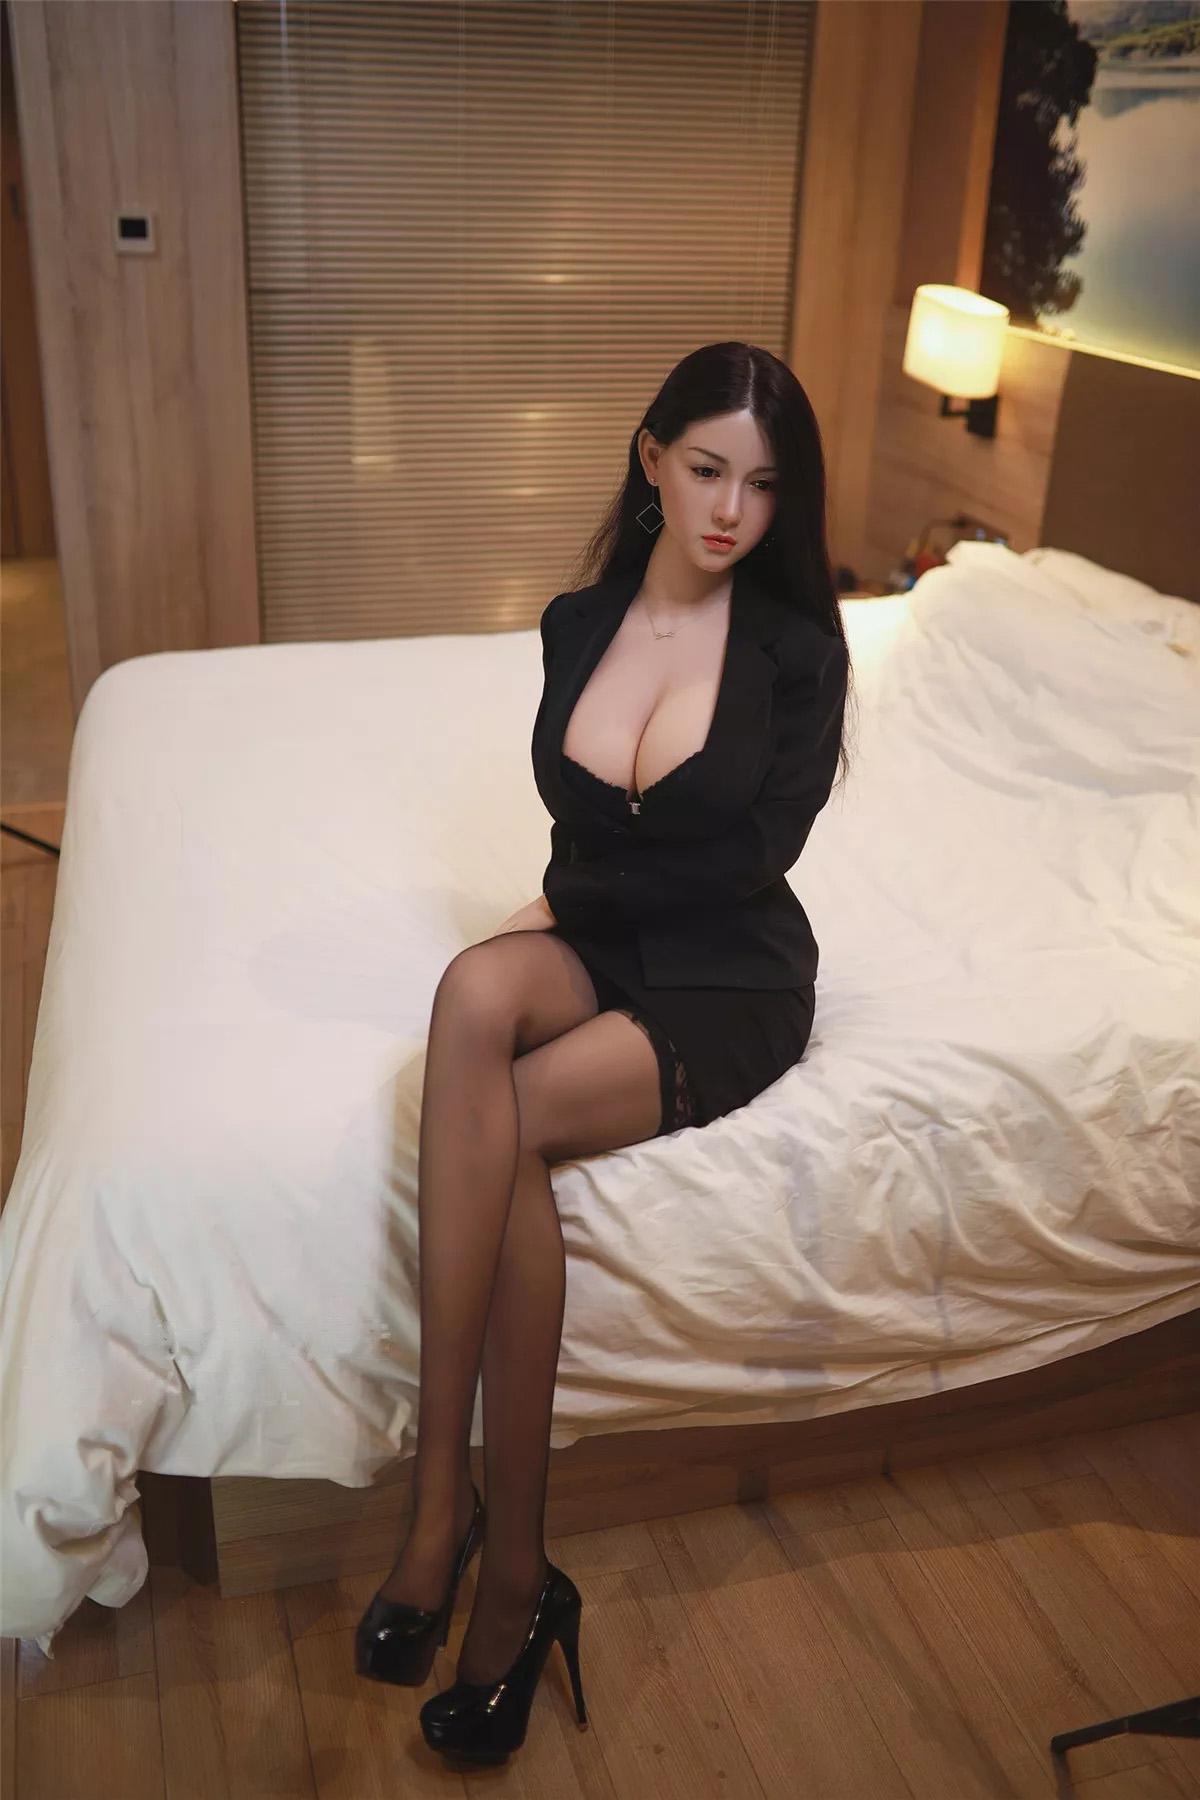 ACSMSI-140 148cm 158cm 팽창 식 전체 실리콘 금속 골격 TPE 실리콘 섹스 인형 슈퍼 리얼 일본 18 섹시한 아가씨 사랑 인형